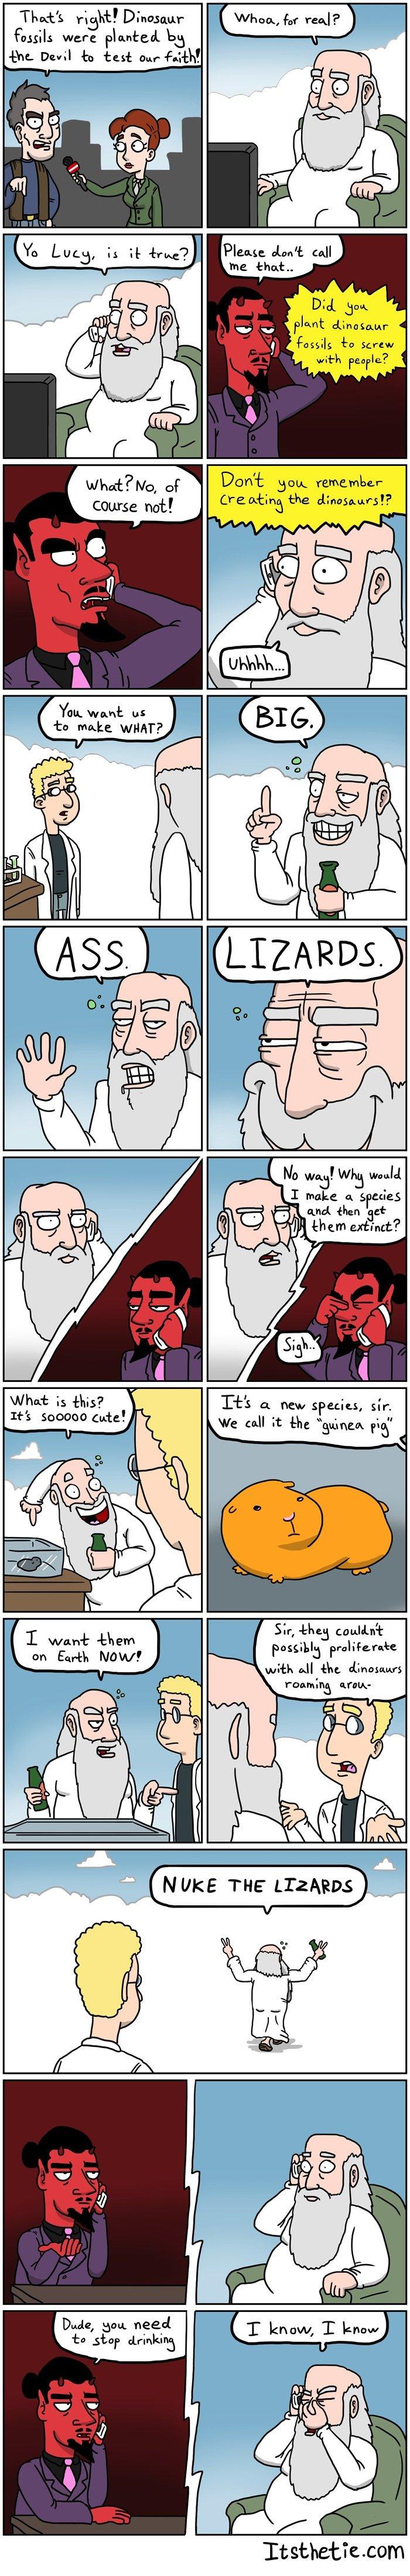 Adventures of God 2. Who's to say this didn't happen, amirite? itsthetie.com facebook.com/itsthetie. itsthetie